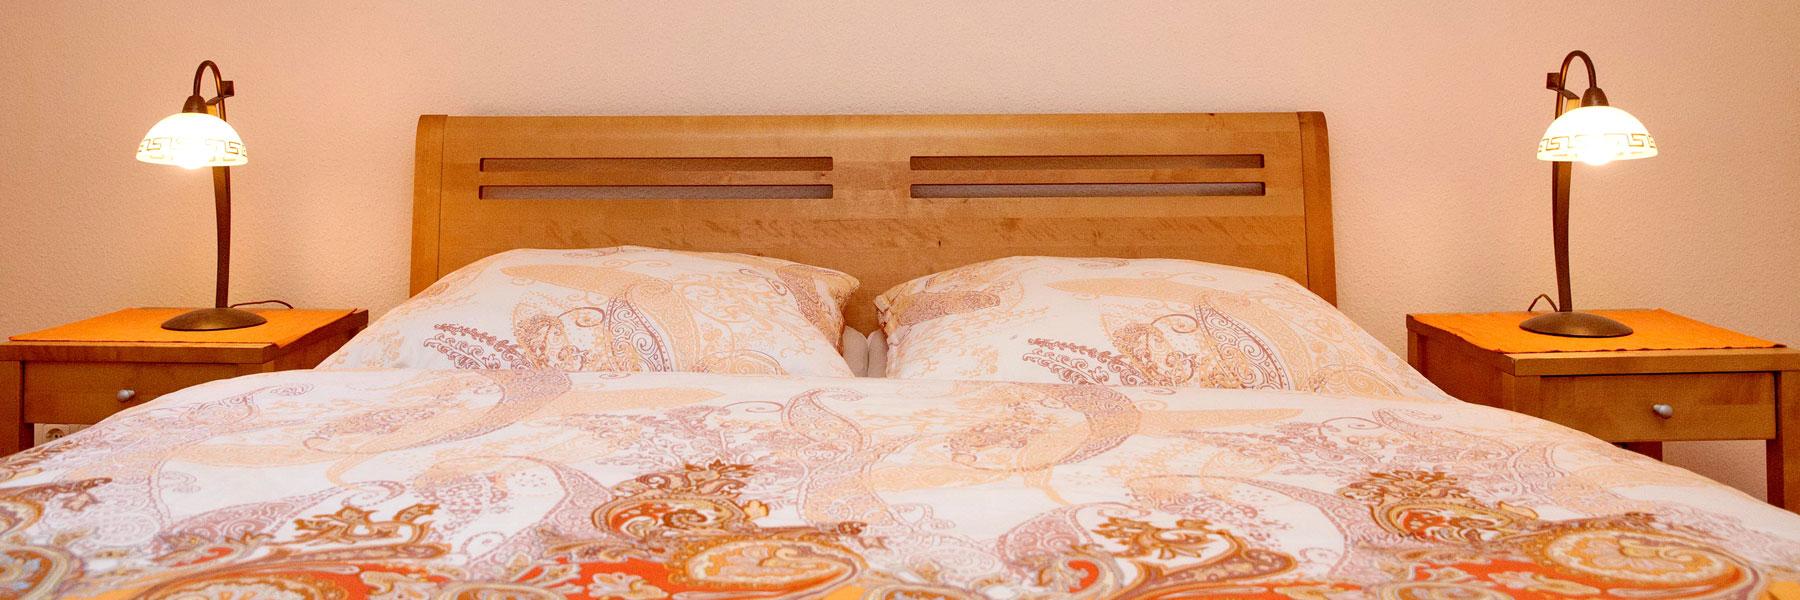 Schlafzimmer mit Doppelbett - Haus am Wald